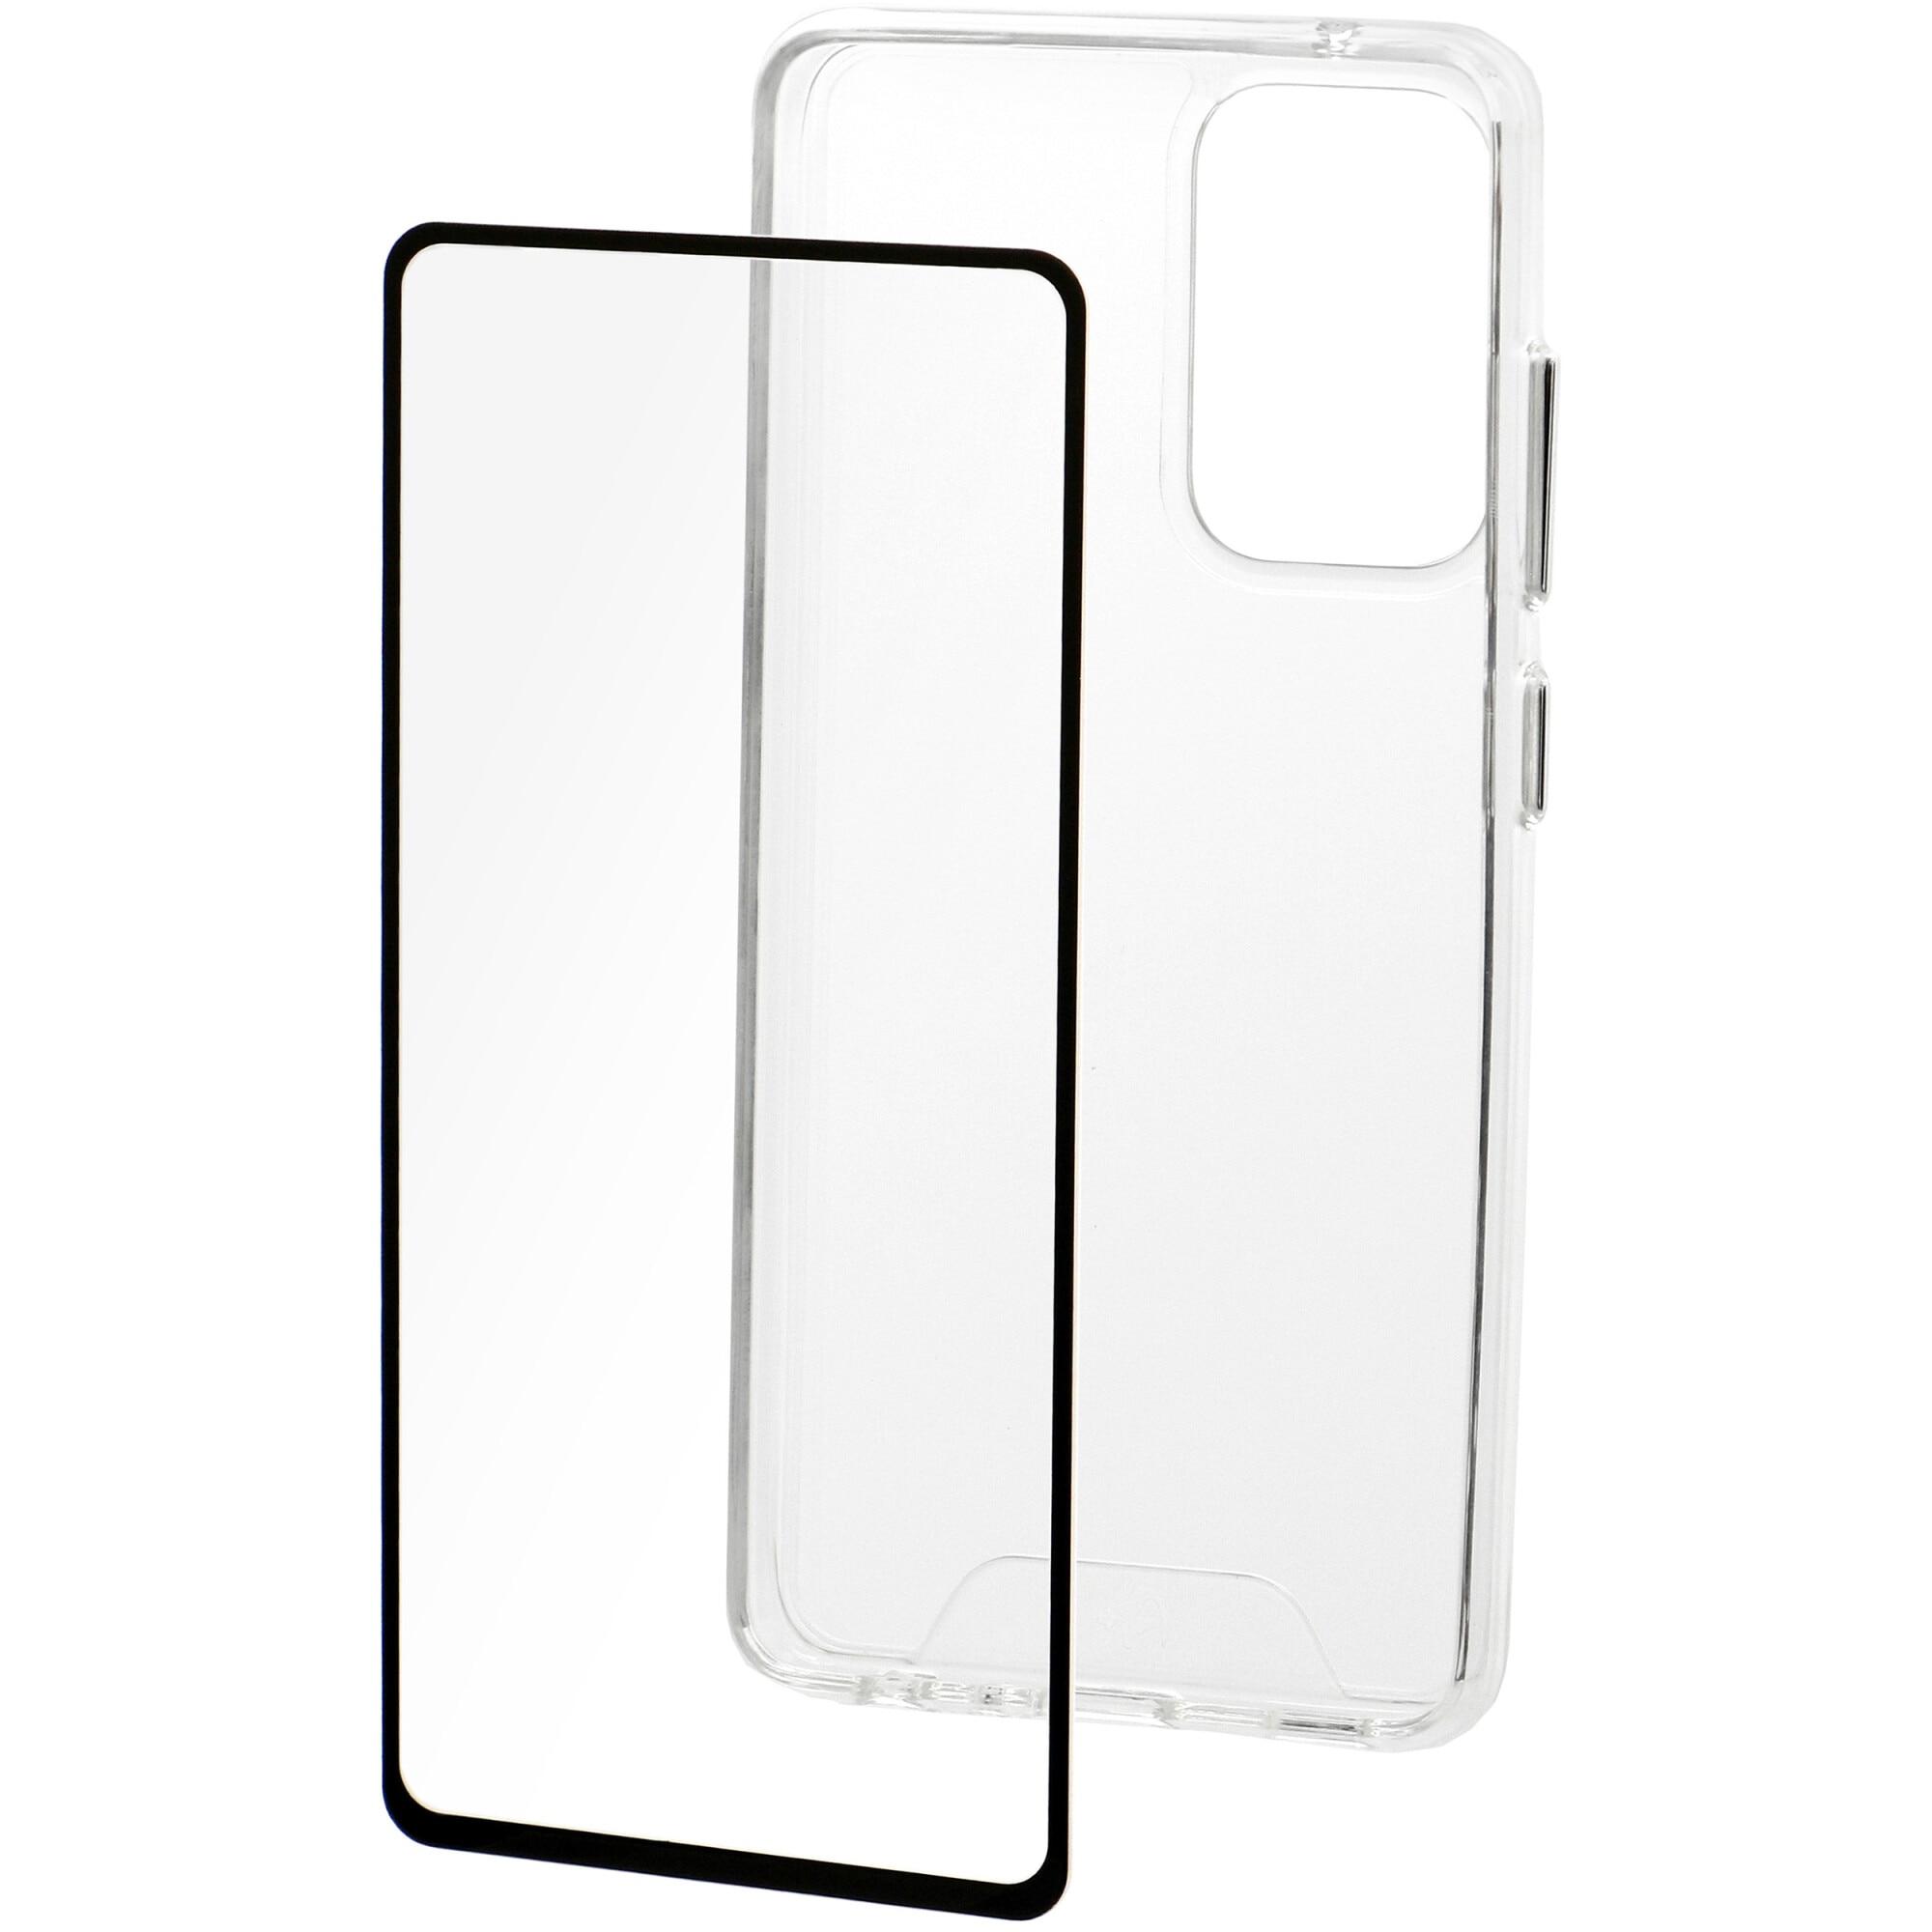 Fotografie Set Folie de protectie A+ Tempered Glass 2.5D/ Husa transparenta silicon A+ pentru Samsung A52 5G